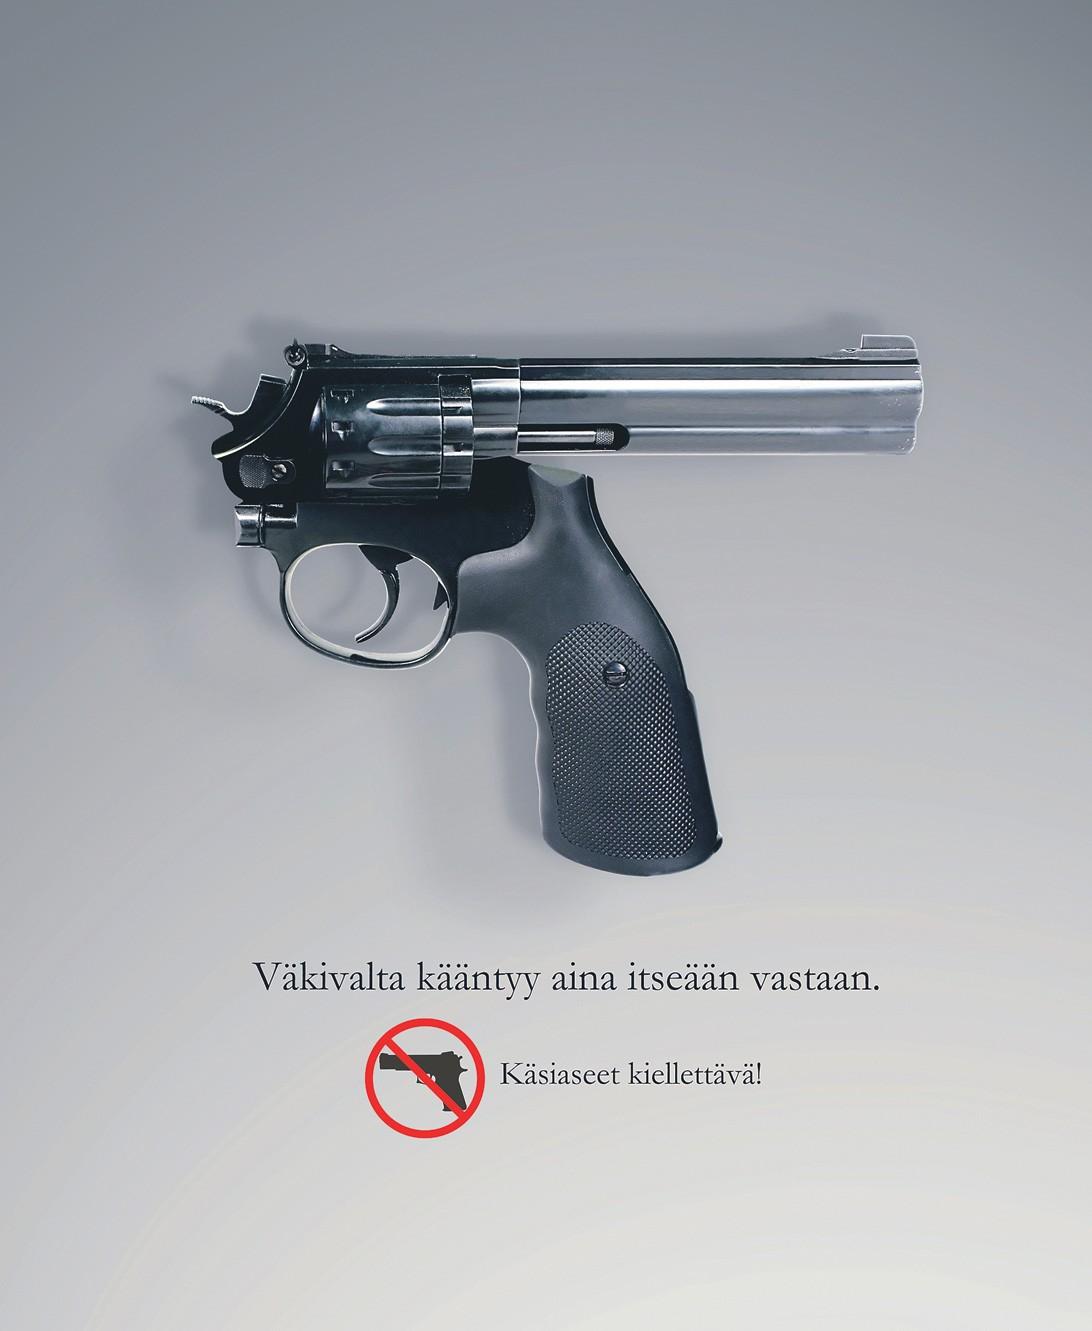 Turvallisen aseen omistajaa ei ole